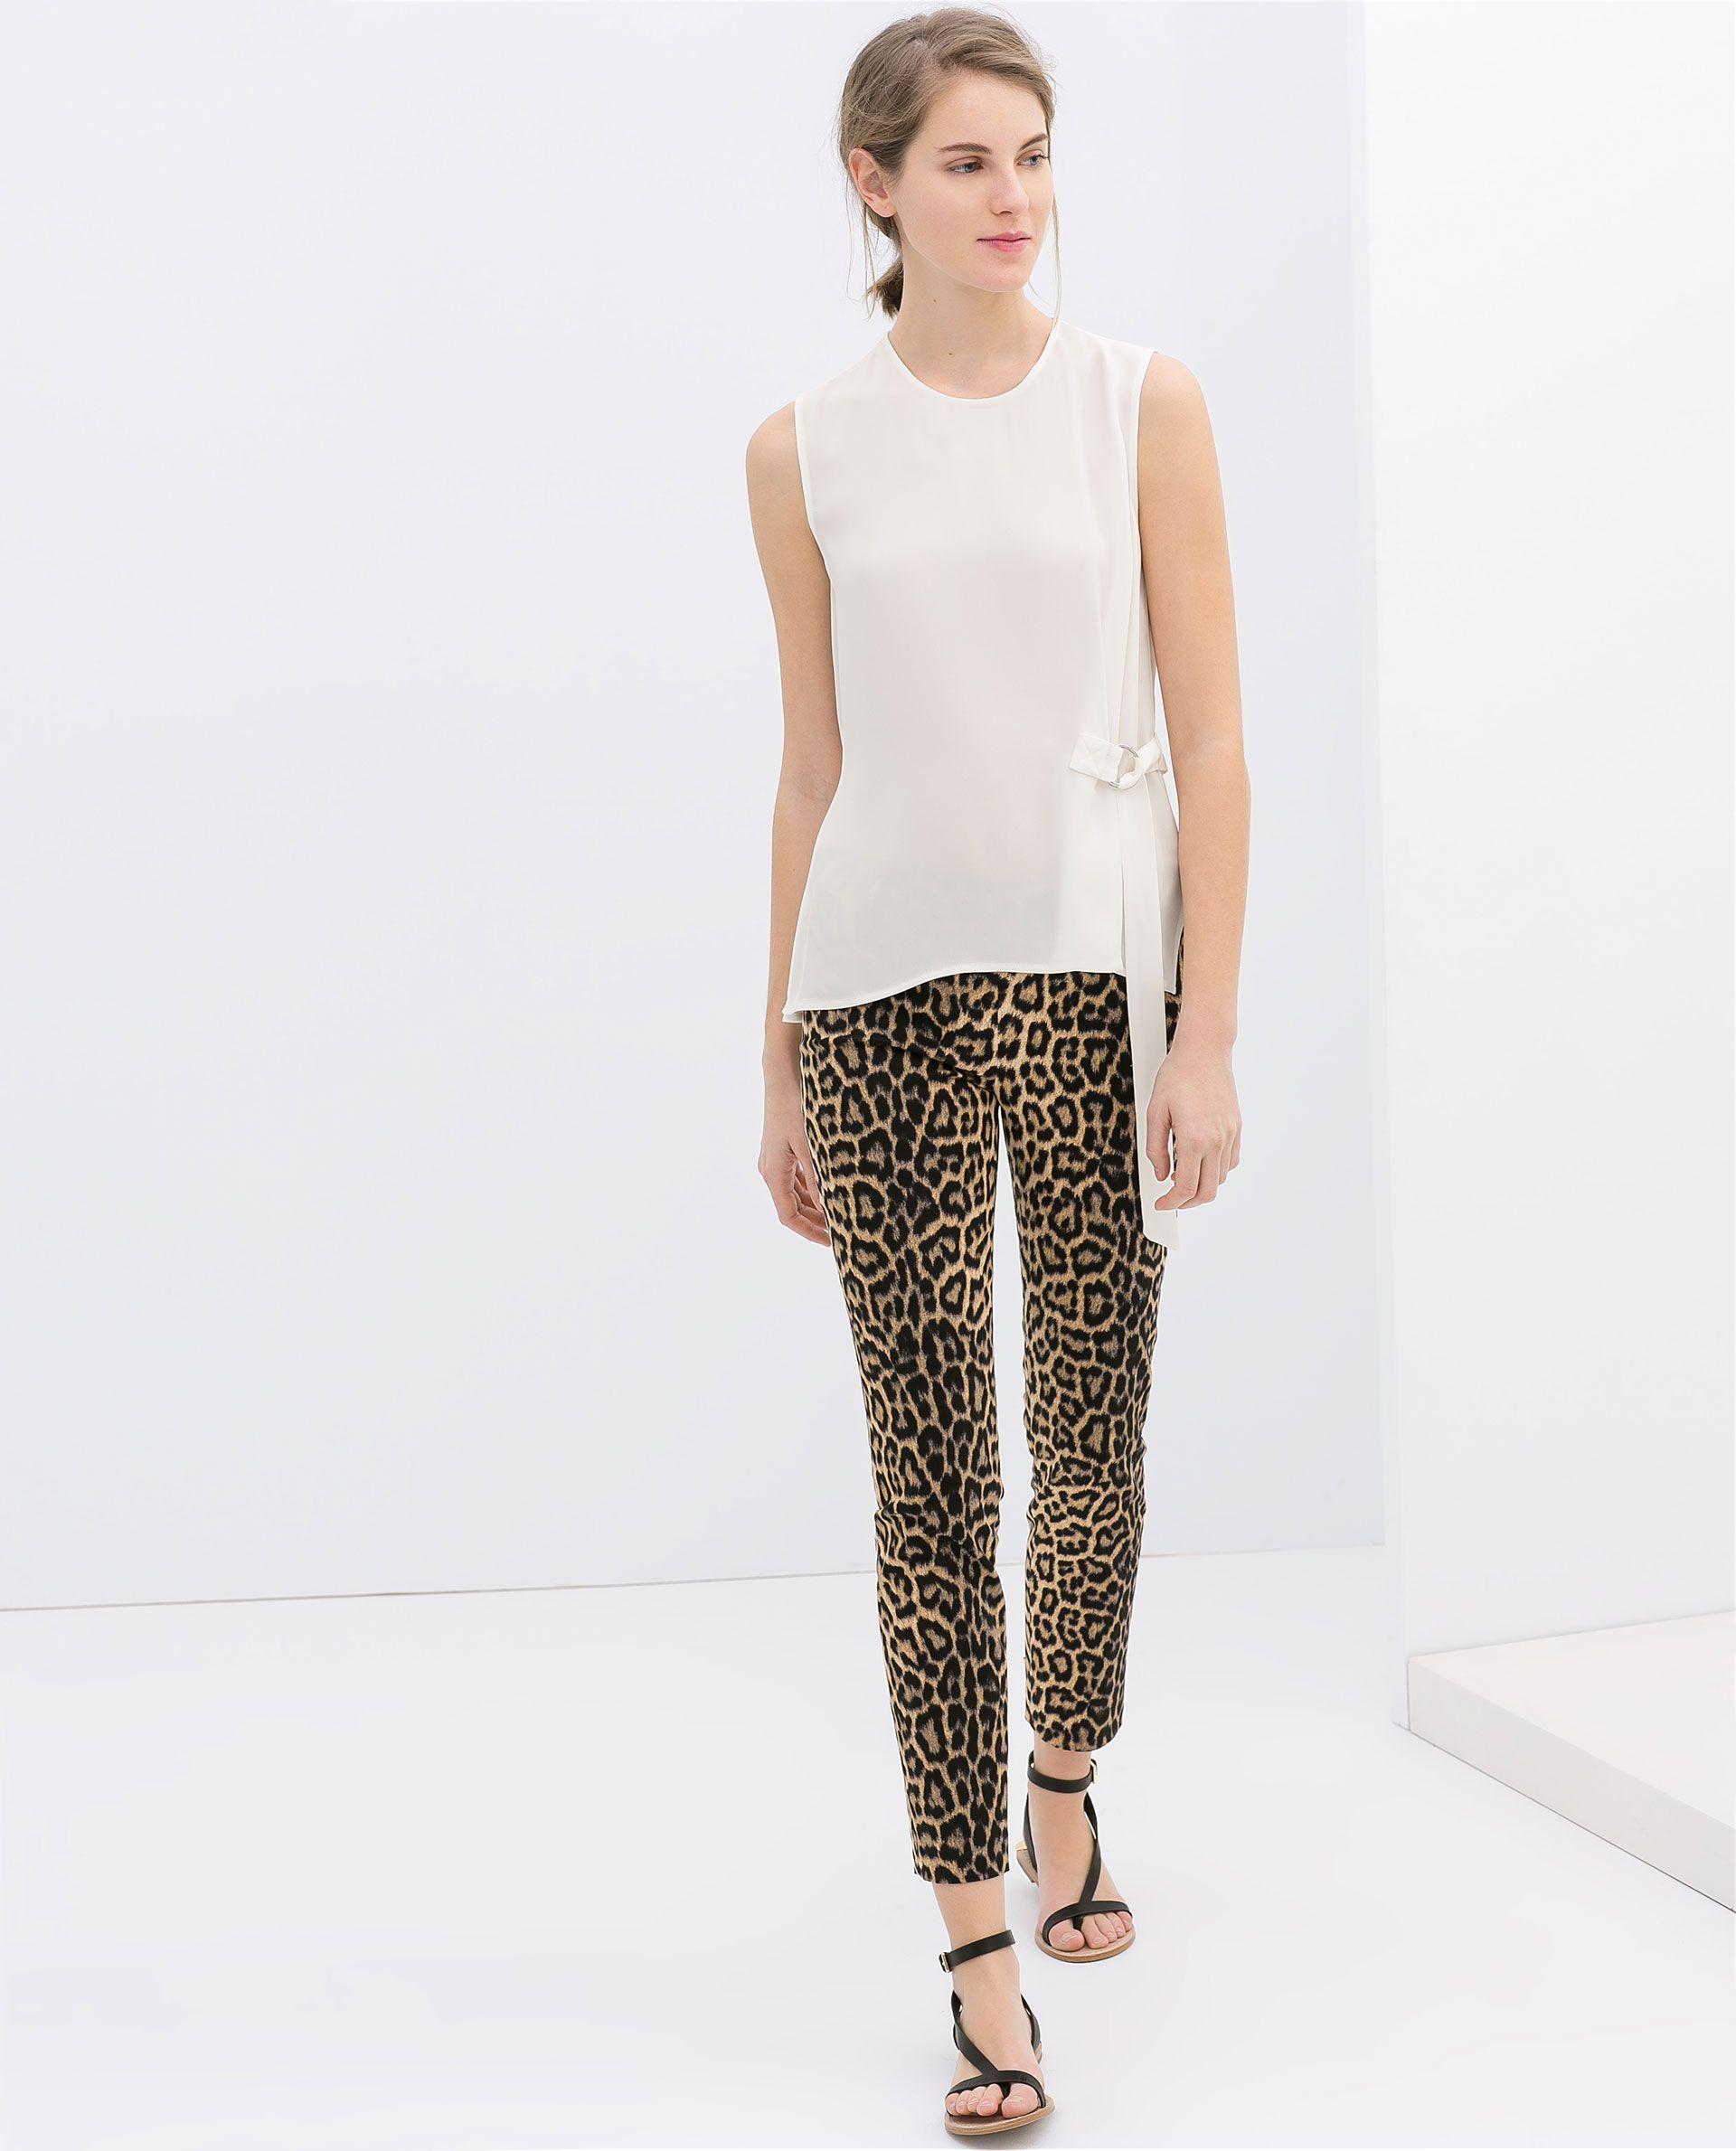 7f8d72f6c2 ZARA - WOMAN - LEOPARD PRINT TROUSERS | Women's Style | Leopard ...